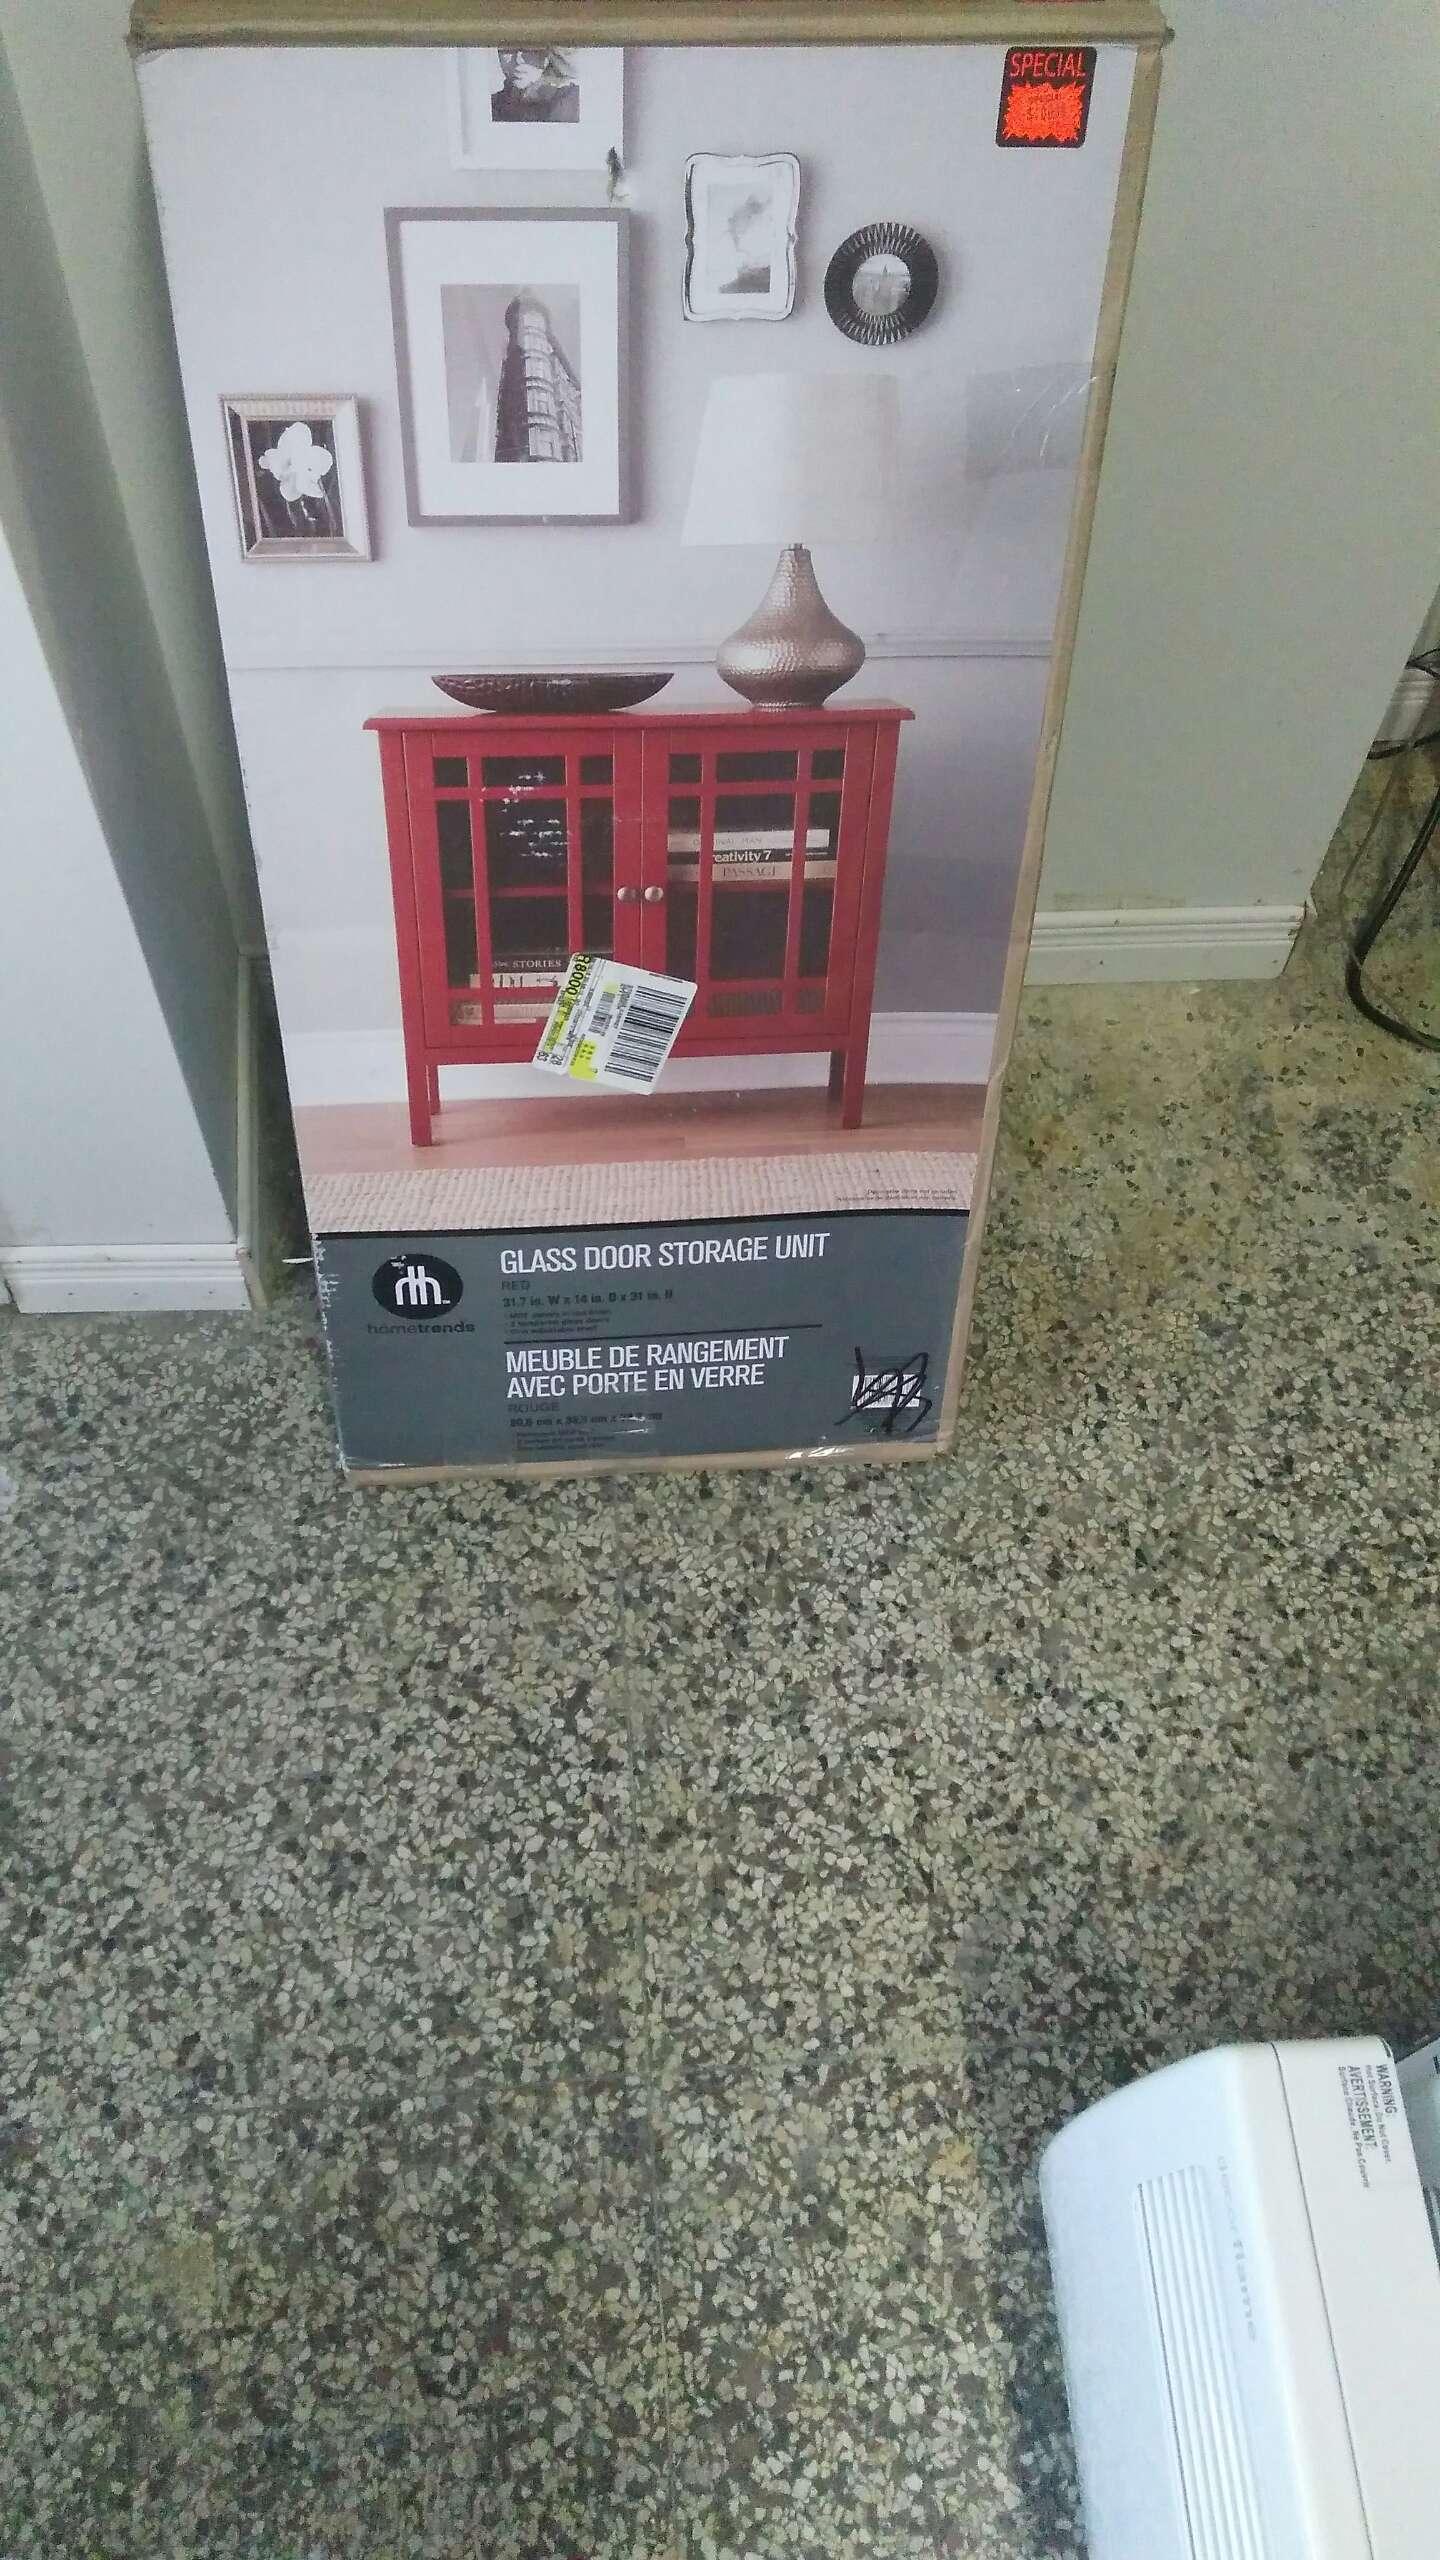 Rouge meuble de rangement avec porte en verre for sale - Meuble rangement verre ...